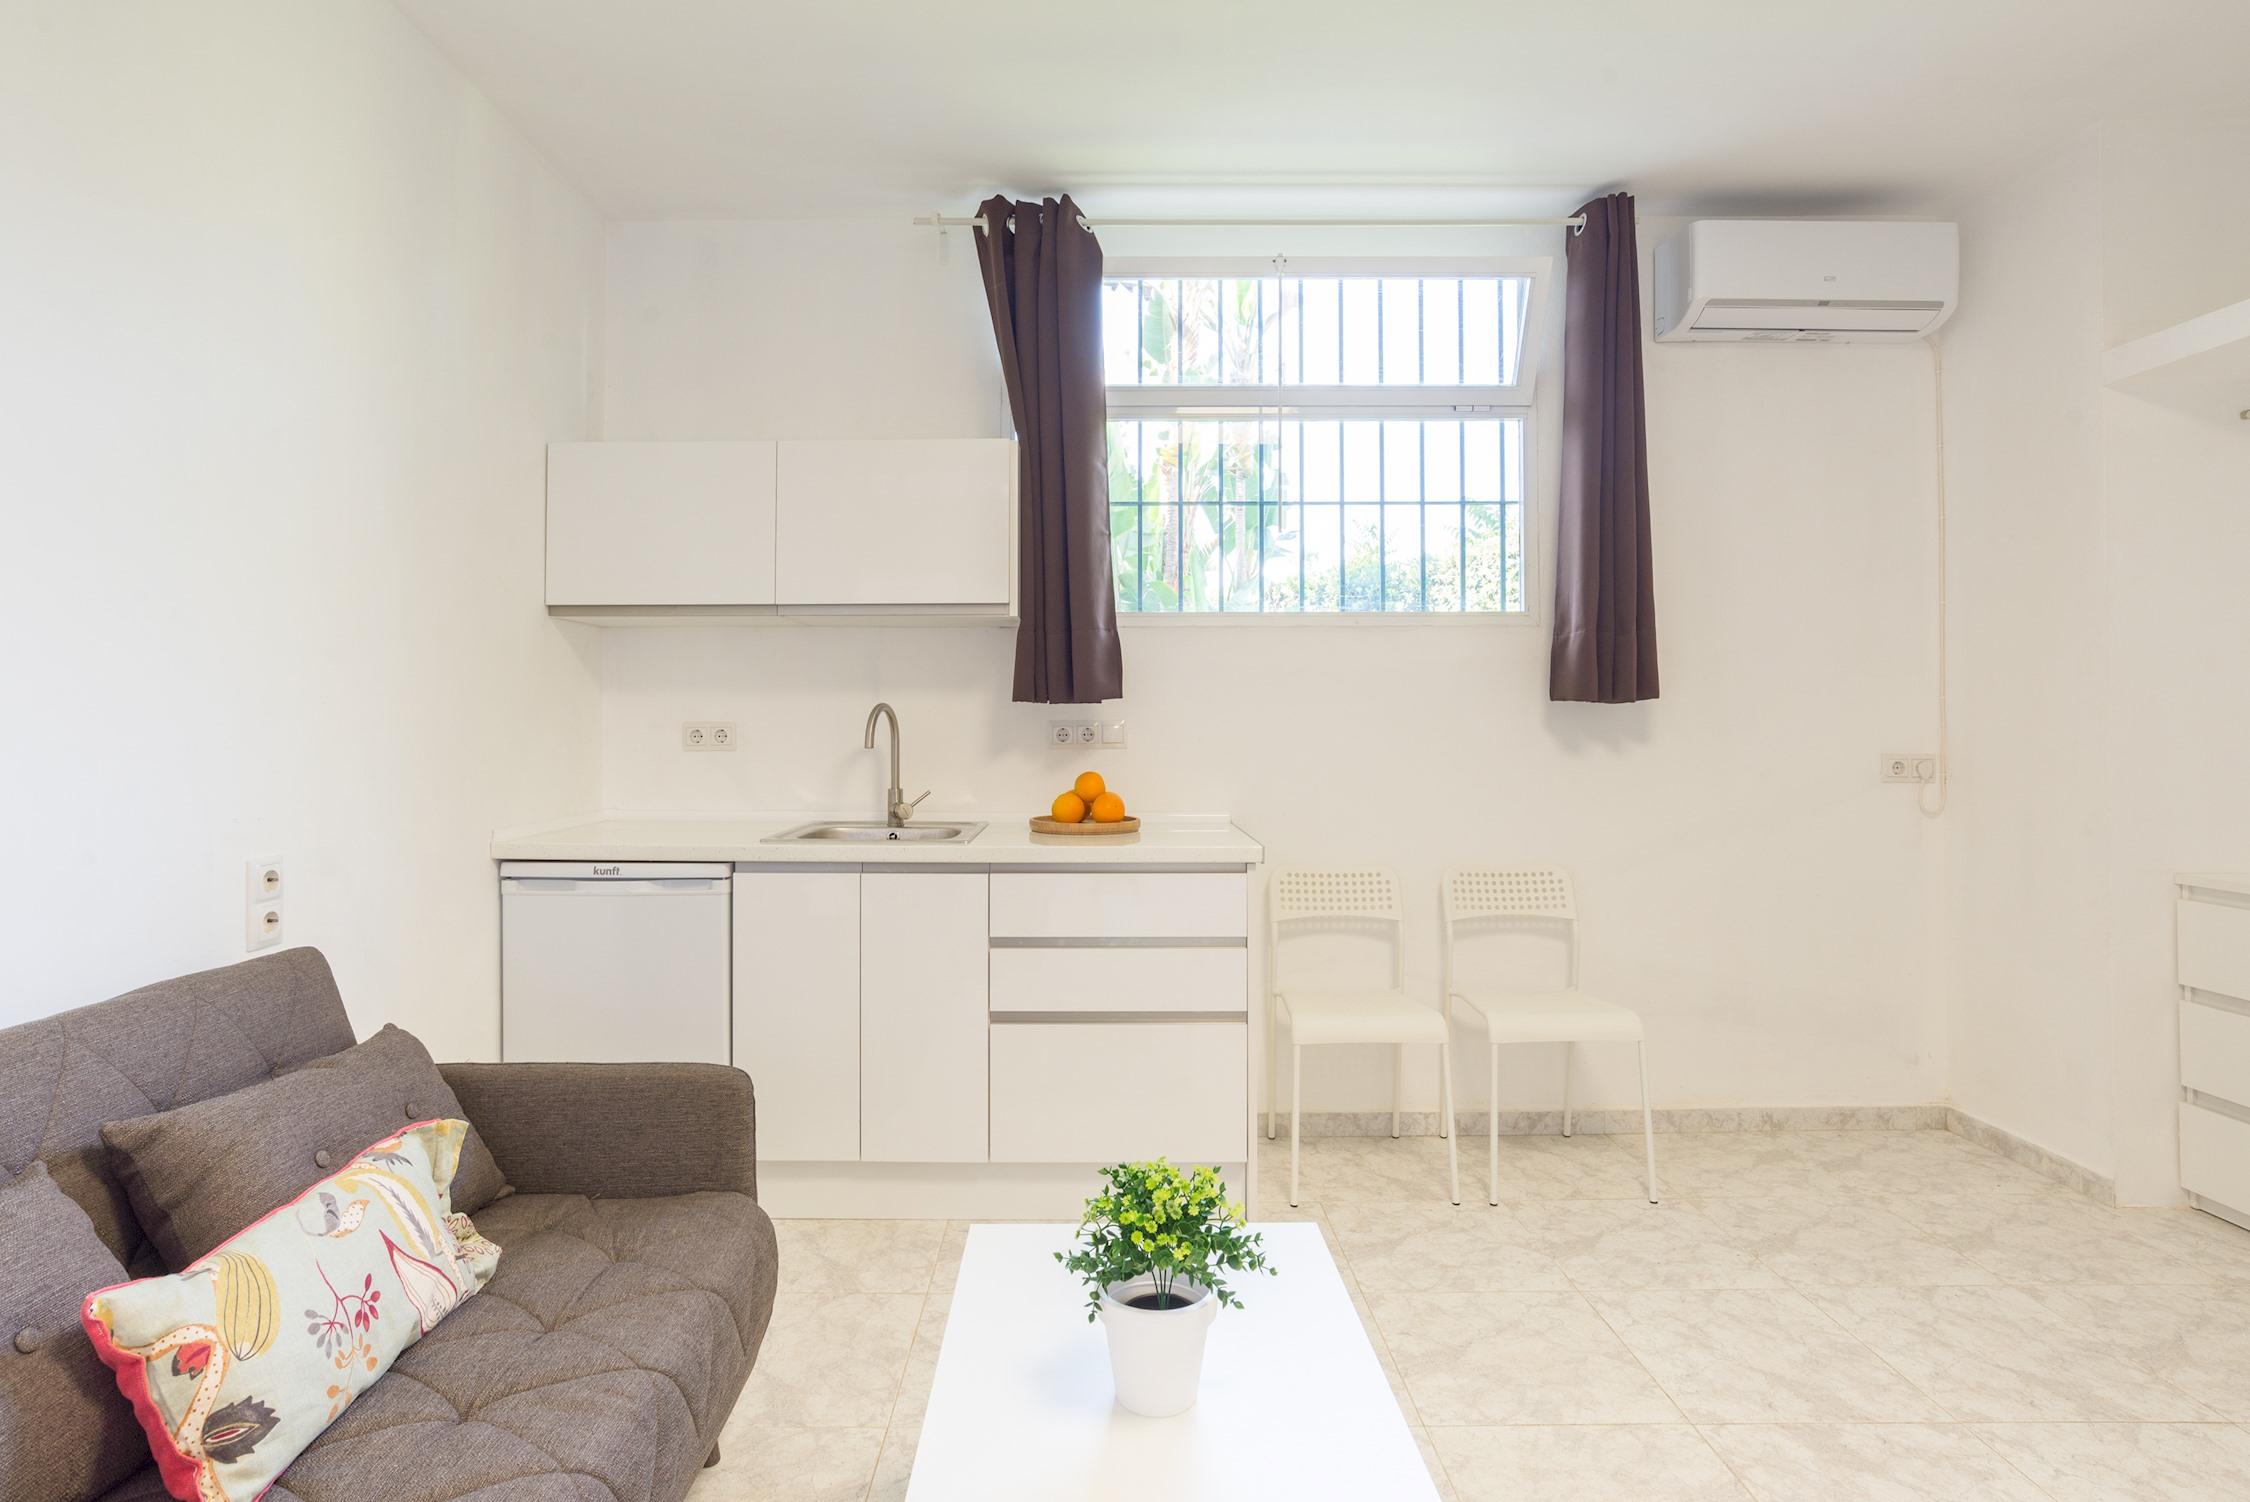 Apartment MalagaSuite Fuengirola Studio photo 18137603